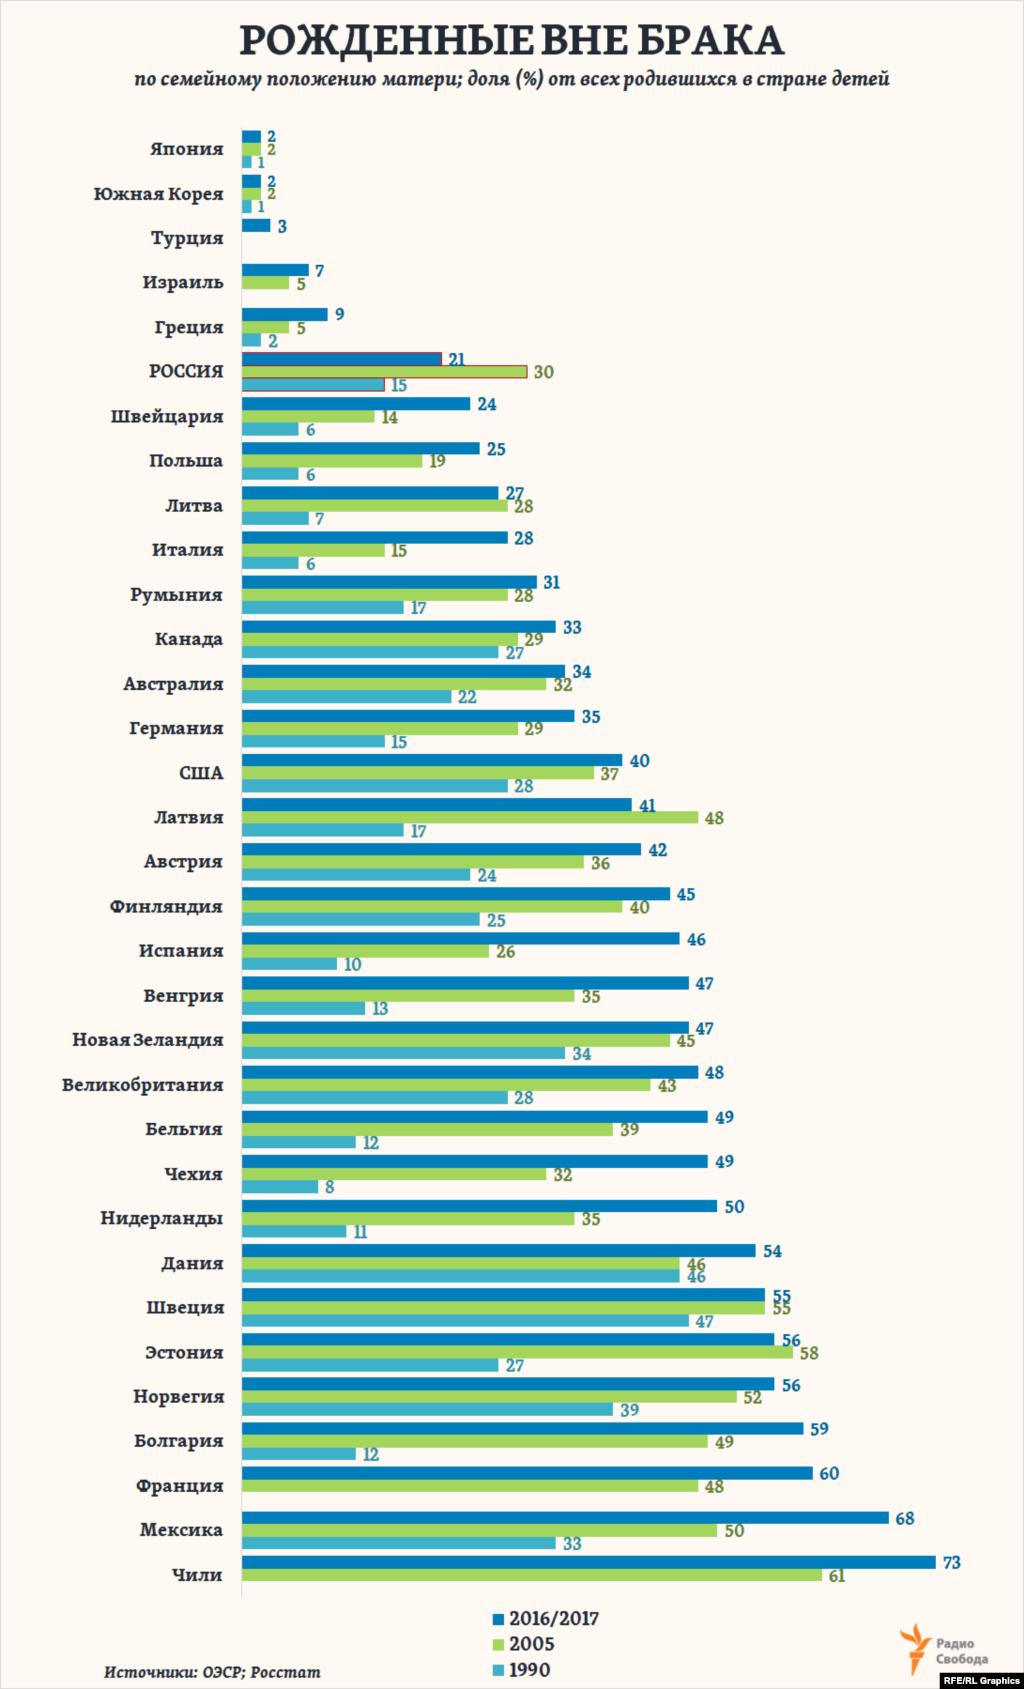 Всего за четверть века в Европе доля детей, рожденных вне зарегистрированного их родителями брака, выросла в 1,5 раза и в 2017 году составила в среднем почти 43% от всех родившихся (вдвое больше, чем в России). И продолжает расти. На этом фоне Россия оказывается единственной страной в регионе, где эта доля за последние 15 лет резко сократилась. Однако среди стран ОЭСР есть и такие, в которых доля детей, рожденных вне брака, составляет считаные проценты.